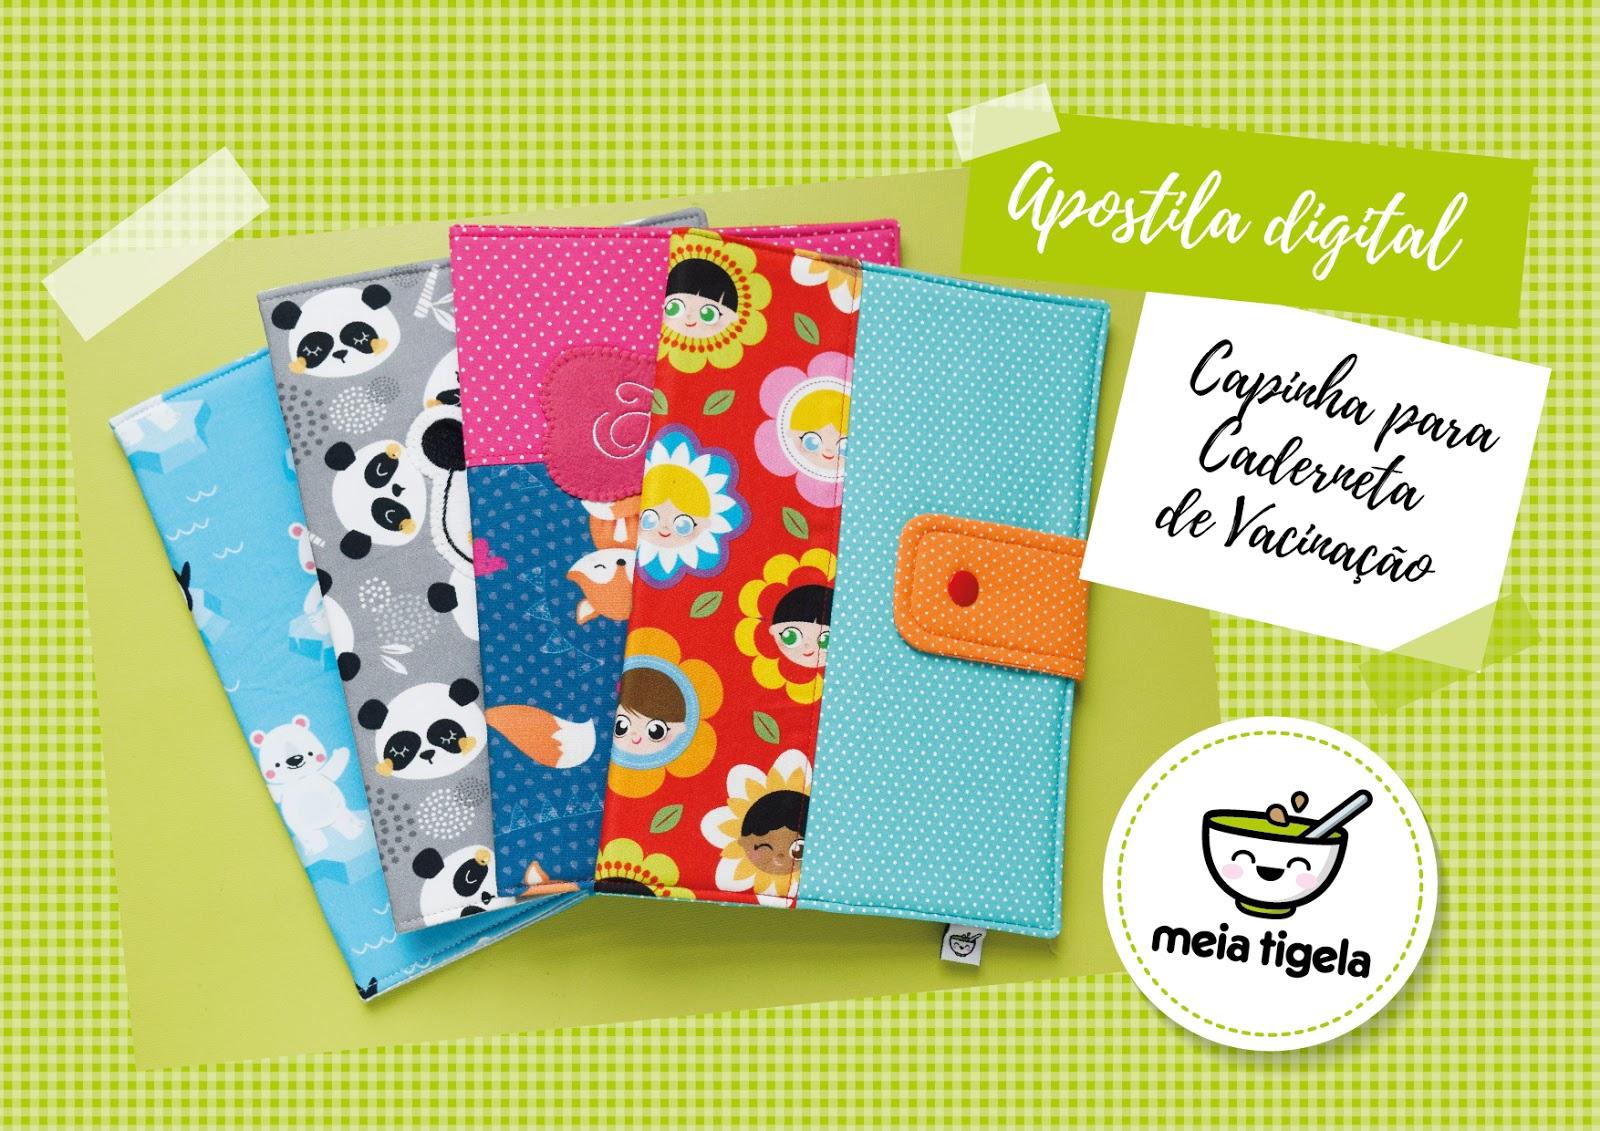 d14606fdb Meia Tigela  Apostila digital - Capinha para caderneta de vacinação